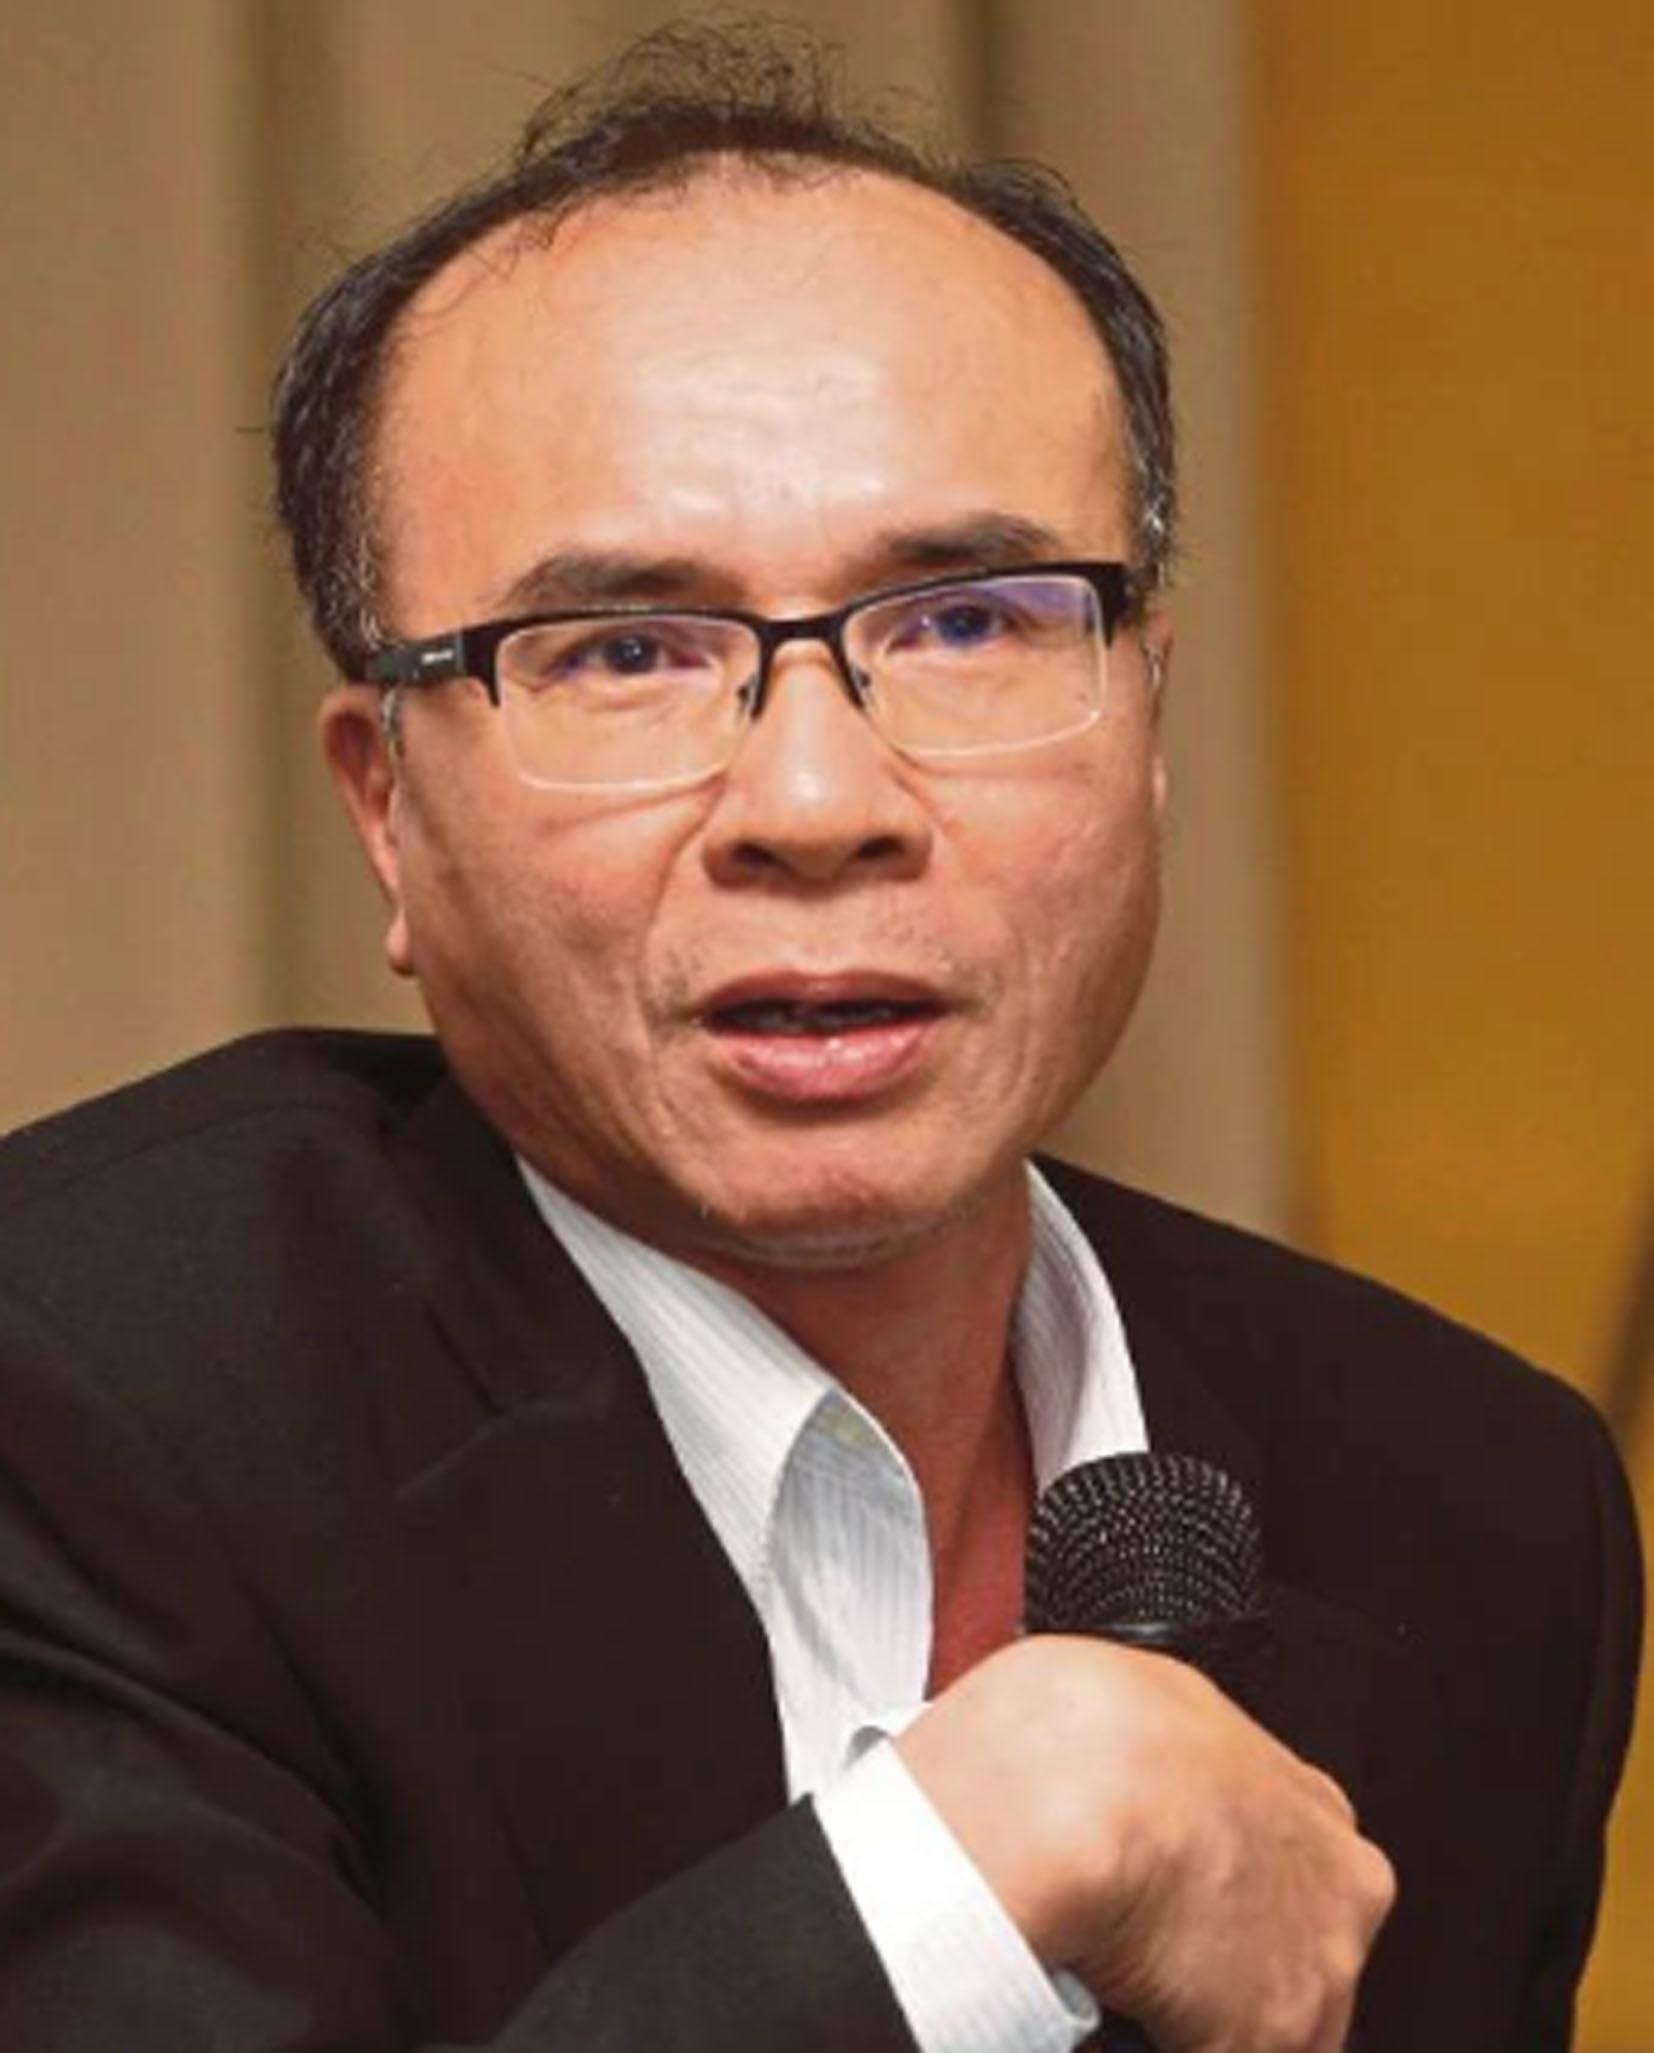 砂拉越大学助理教授杰尼里